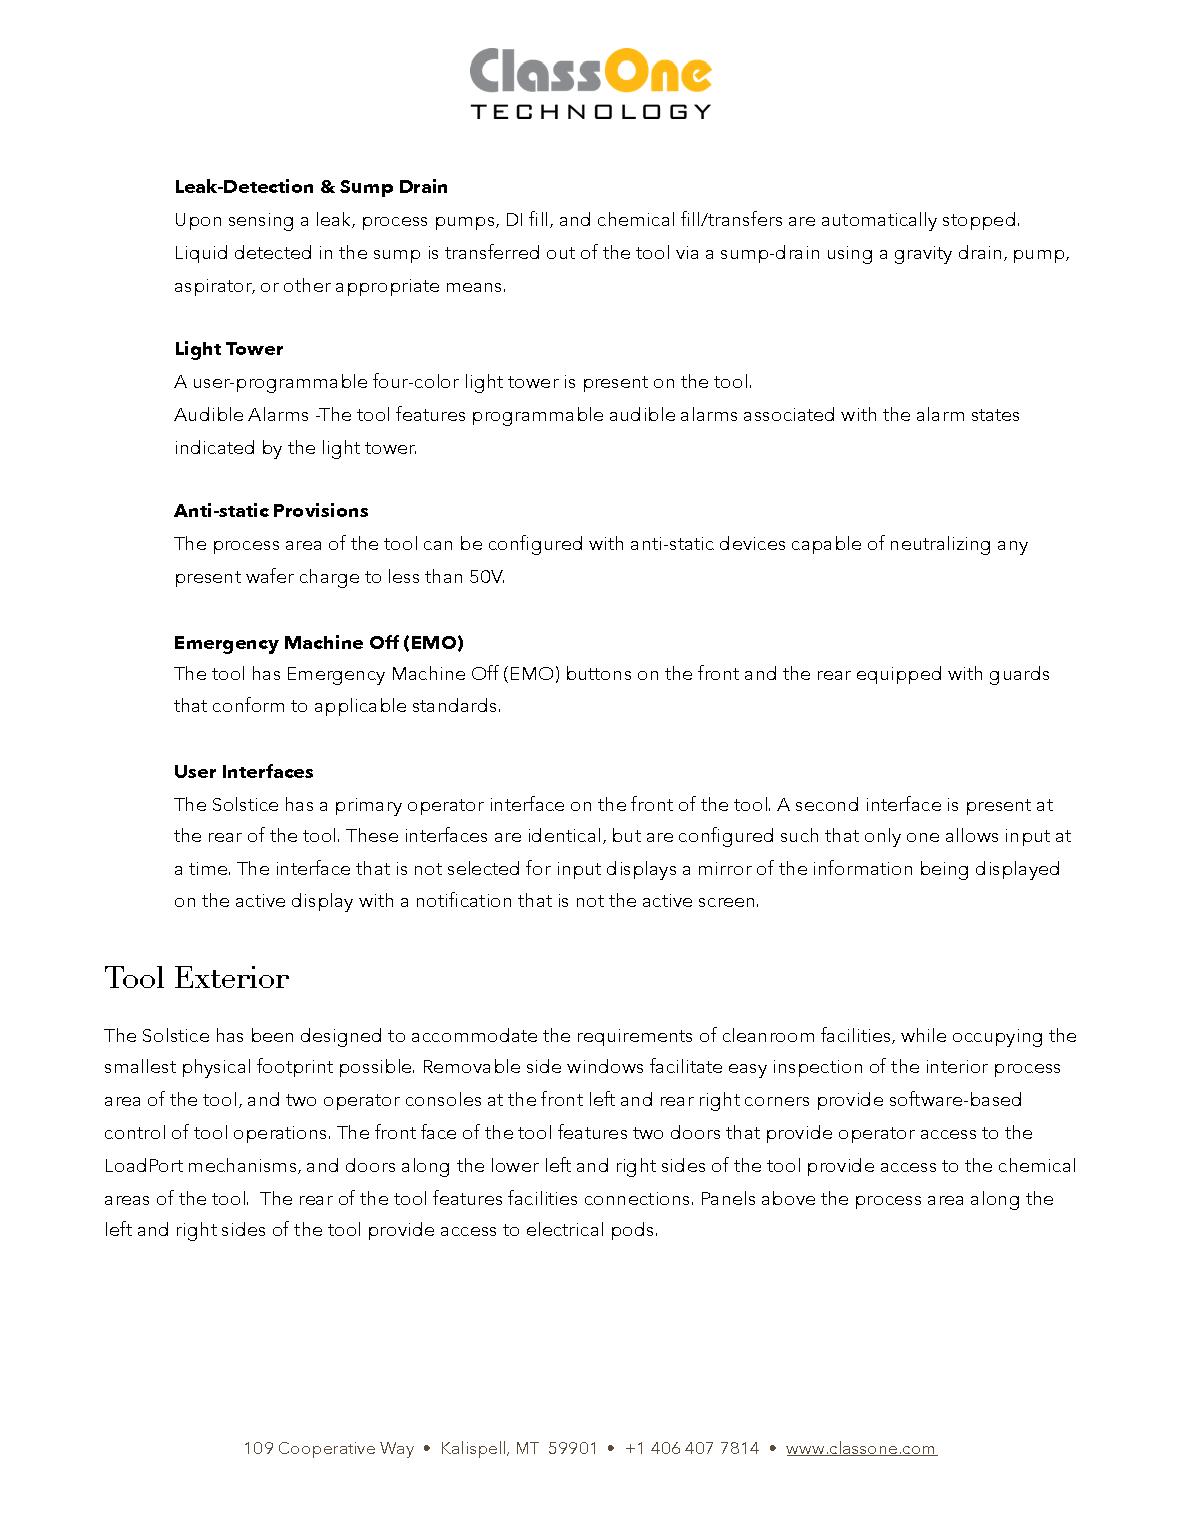 Solstice S8 Product Description_Page_03.png